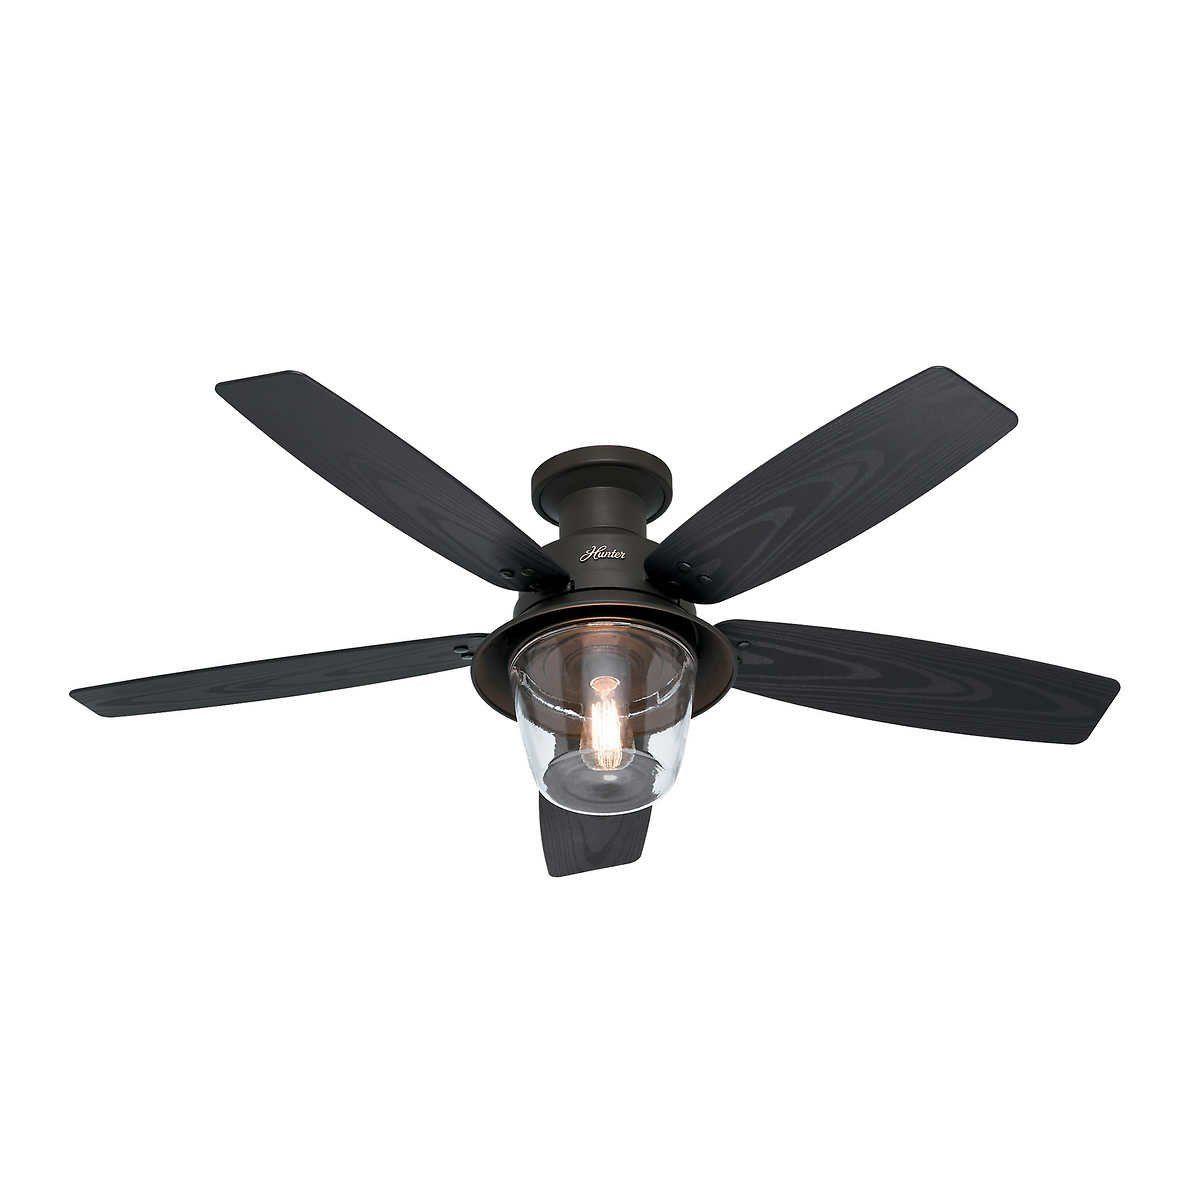 52 Quot Indoor X2f Outdoor Edison Industrial Style Outdoor Ceiling Fan In Grey Oak Amazon Com Ceiling Fan Ceiling Fan With Light Bronze Ceiling Fan 52 inch outdoor ceiling fan